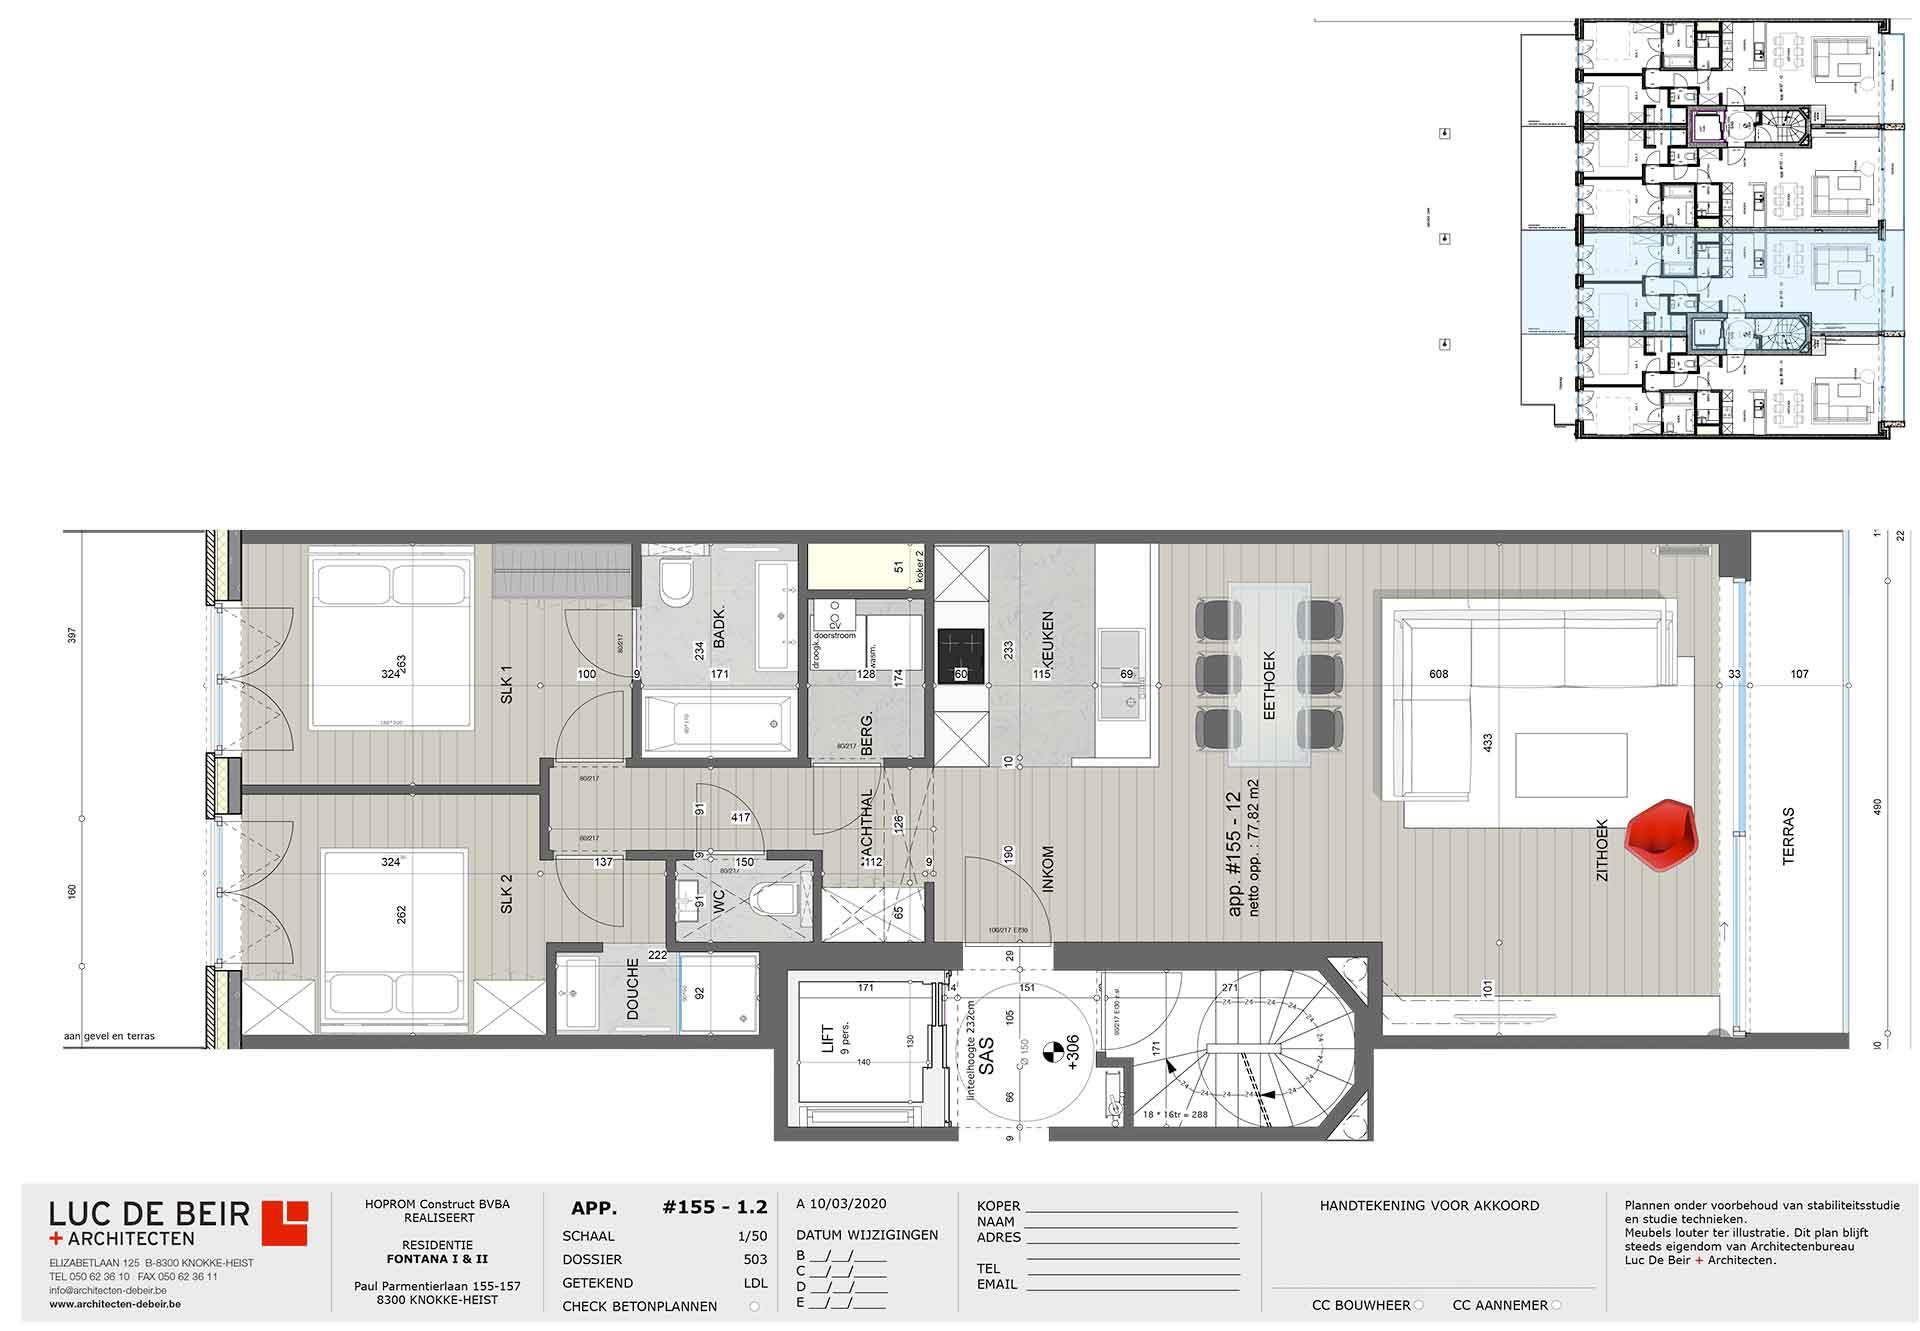 Residentie <br/> Fontana - image residentie-fontana-appartement-te-koop-knokke-plannen-155-12-2 on https://hoprom.be